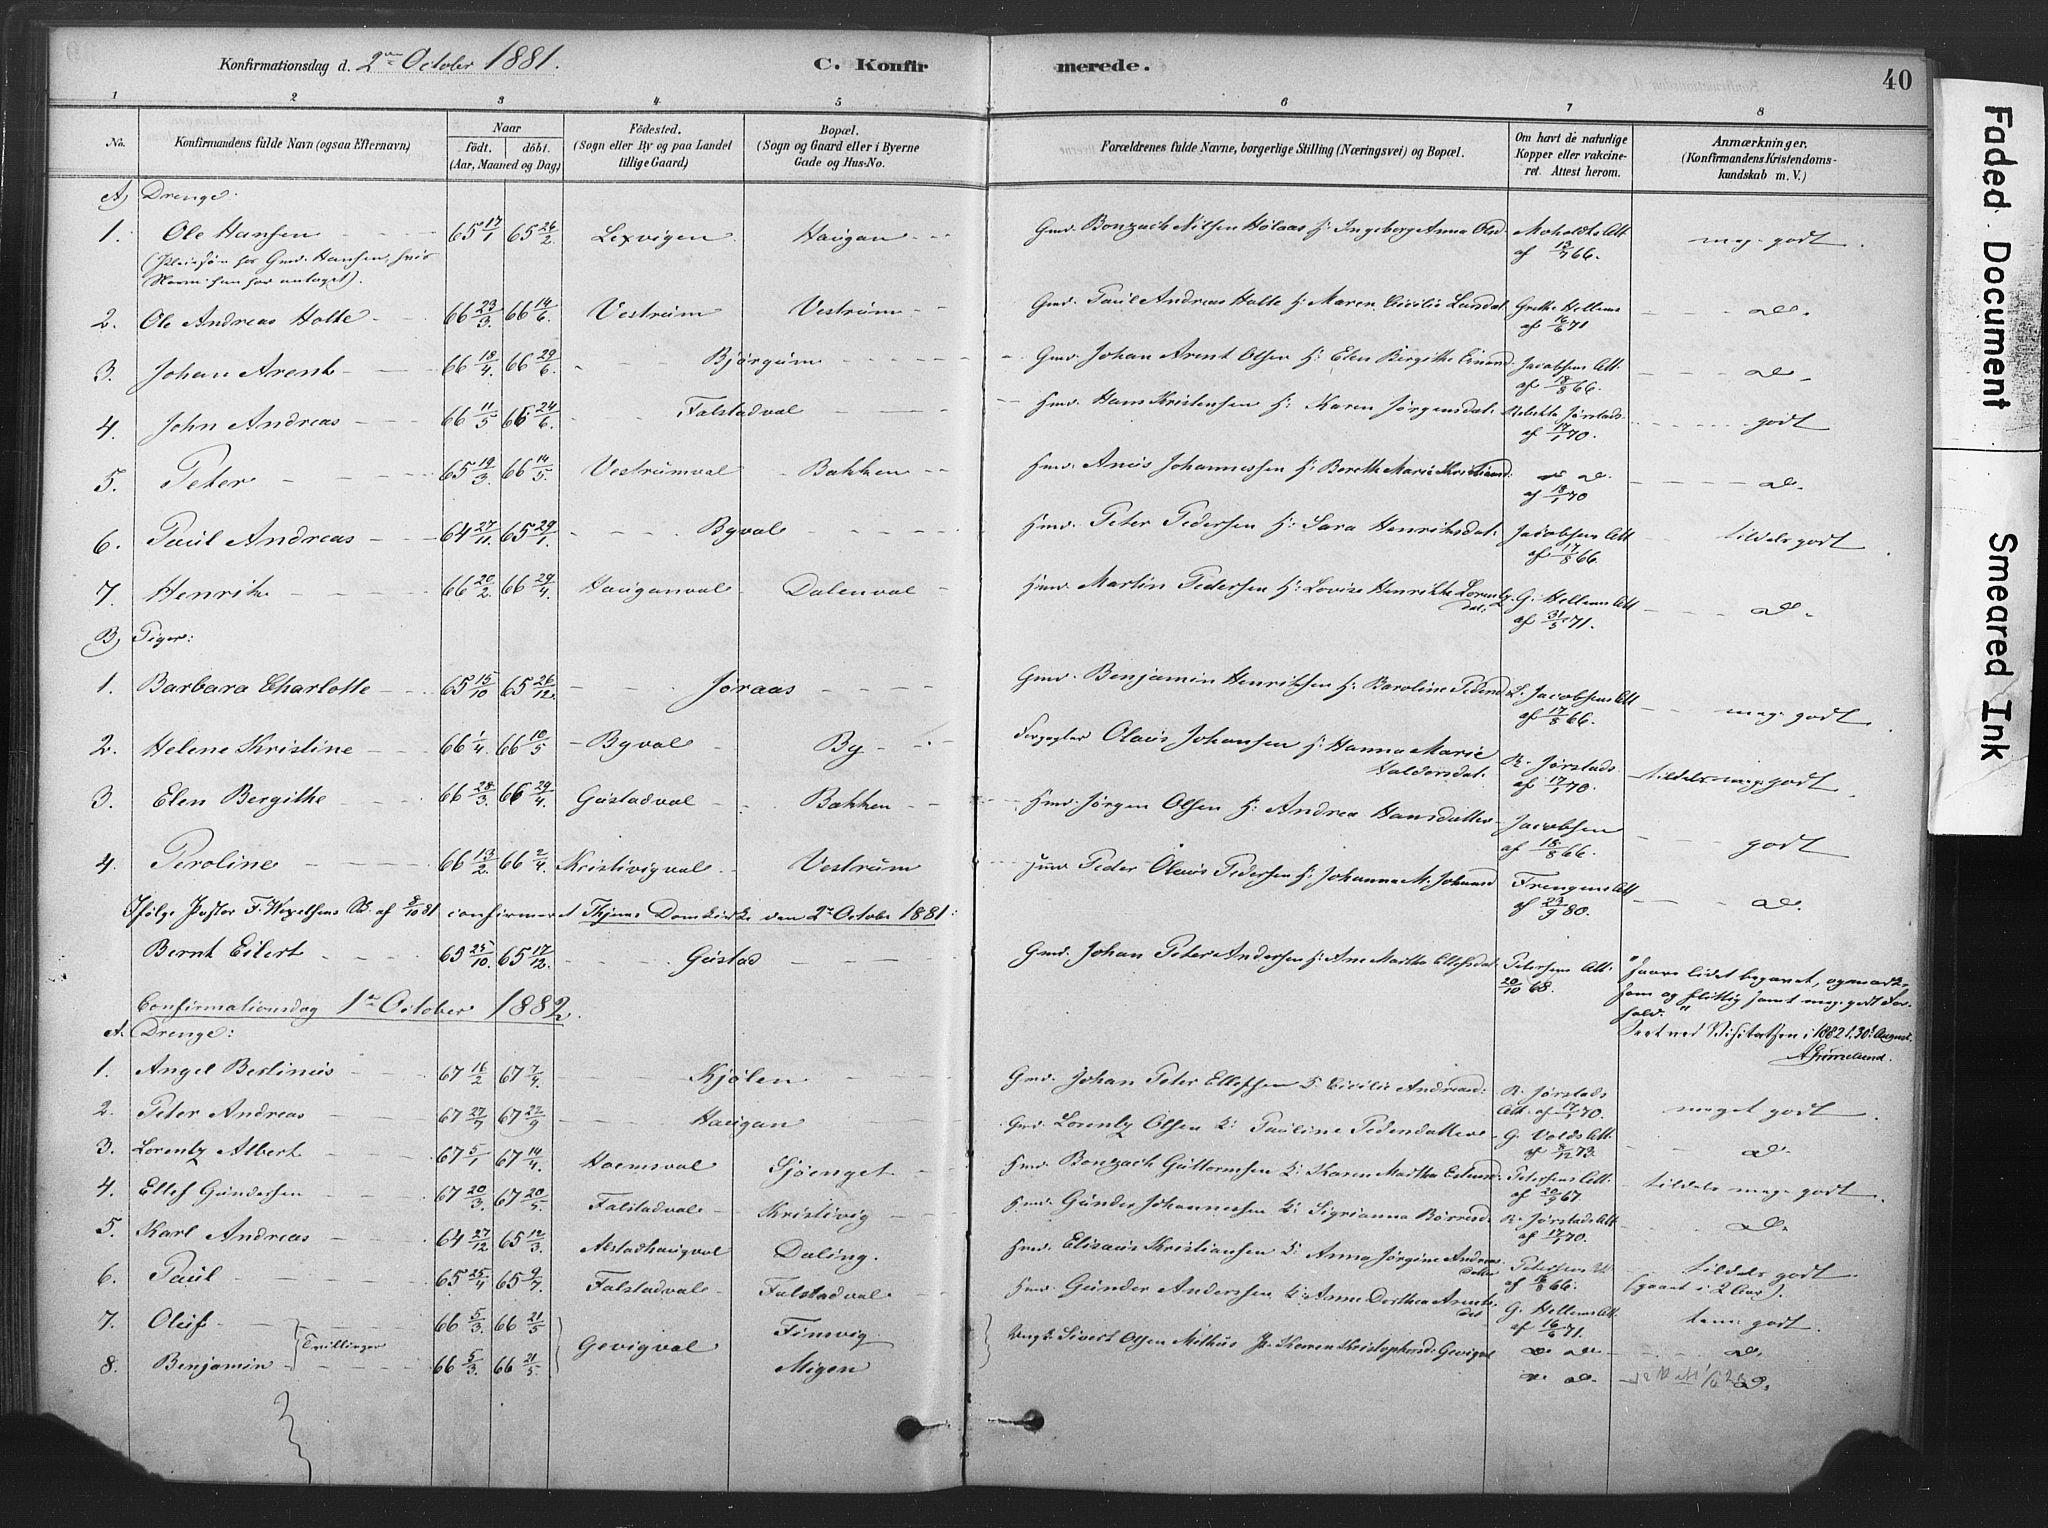 SAT, Ministerialprotokoller, klokkerbøker og fødselsregistre - Nord-Trøndelag, 719/L0178: Ministerialbok nr. 719A01, 1878-1900, s. 40